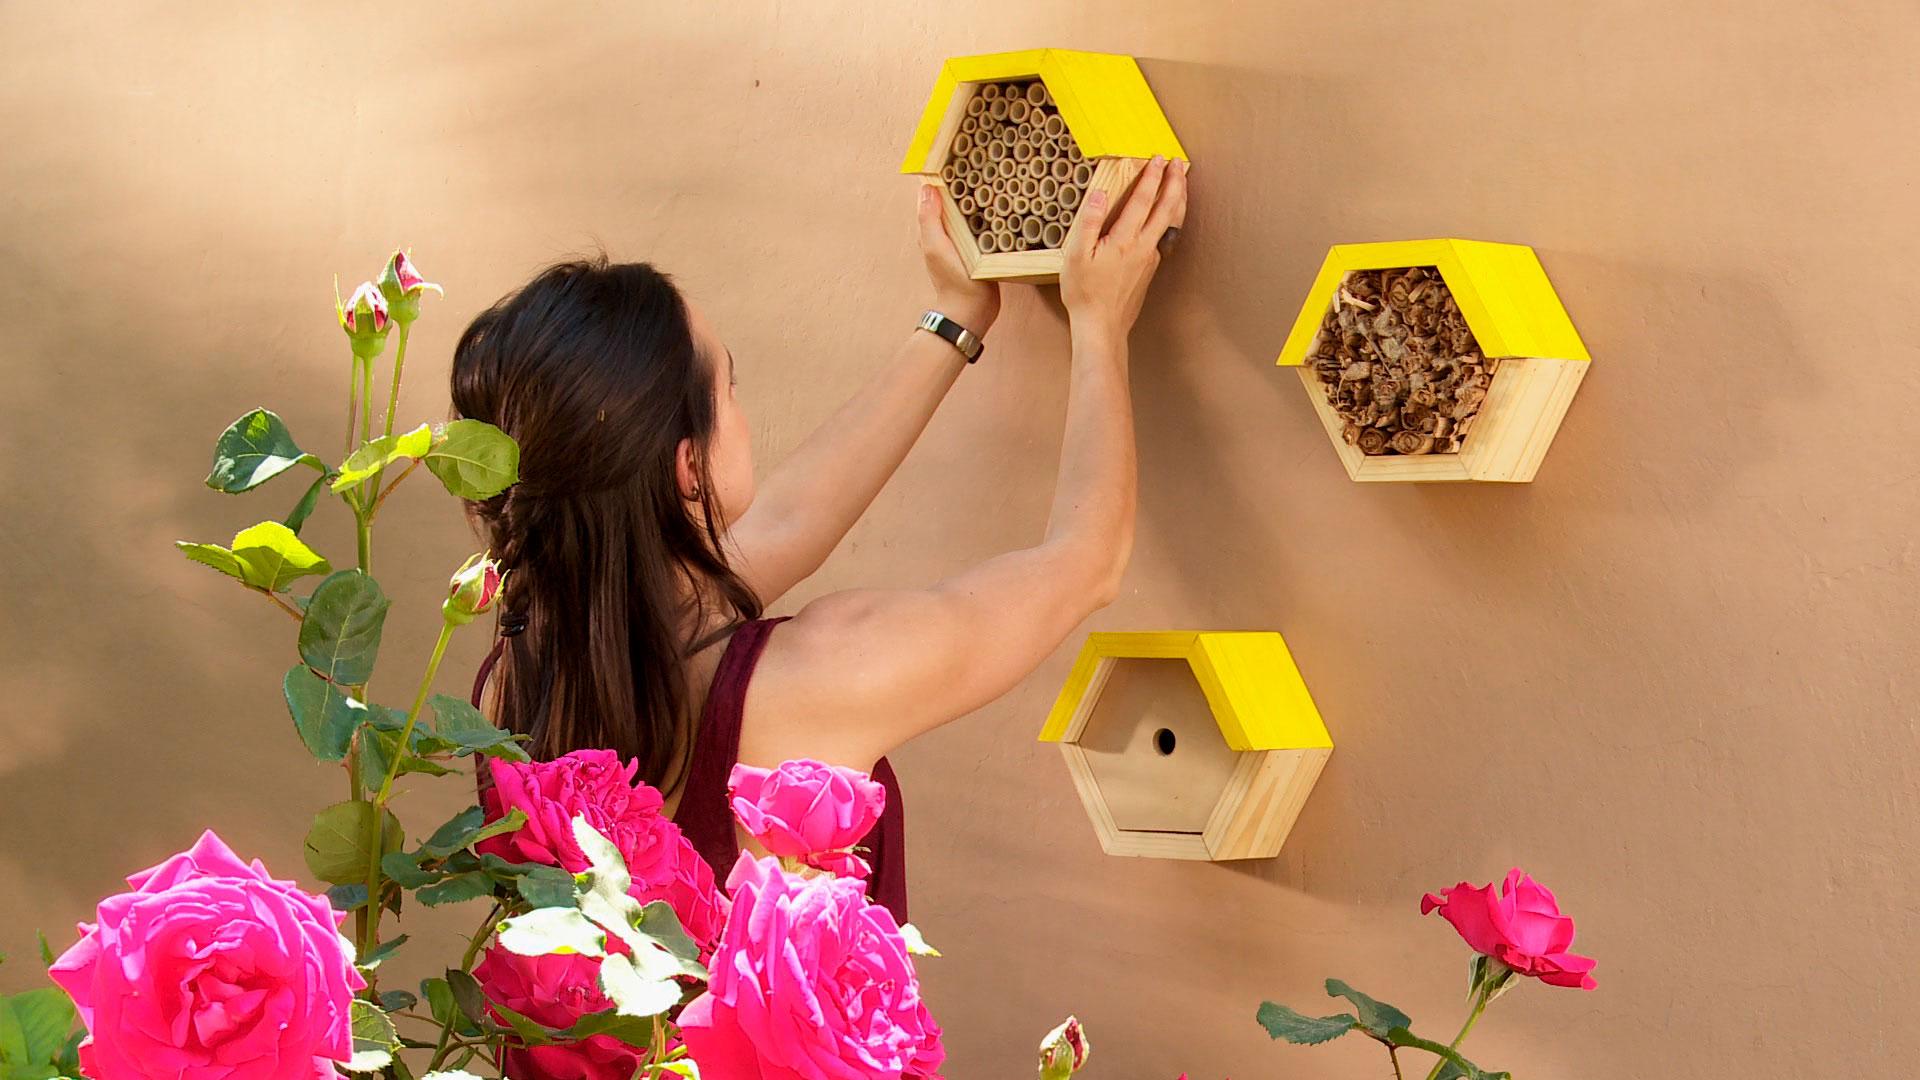 El descenso de la población de las abejas es mundial, y aunque aún no hay una explicación concluyente, la más aceptada apunta al uso excesivo de pesticidas. Dentro de todas las especies, en el mundo unas 20 mil y en Chile 437 registradas, las más comunes son las solitarias; para ellas haremos un refugio que las invitará a permanecer en el jardín.